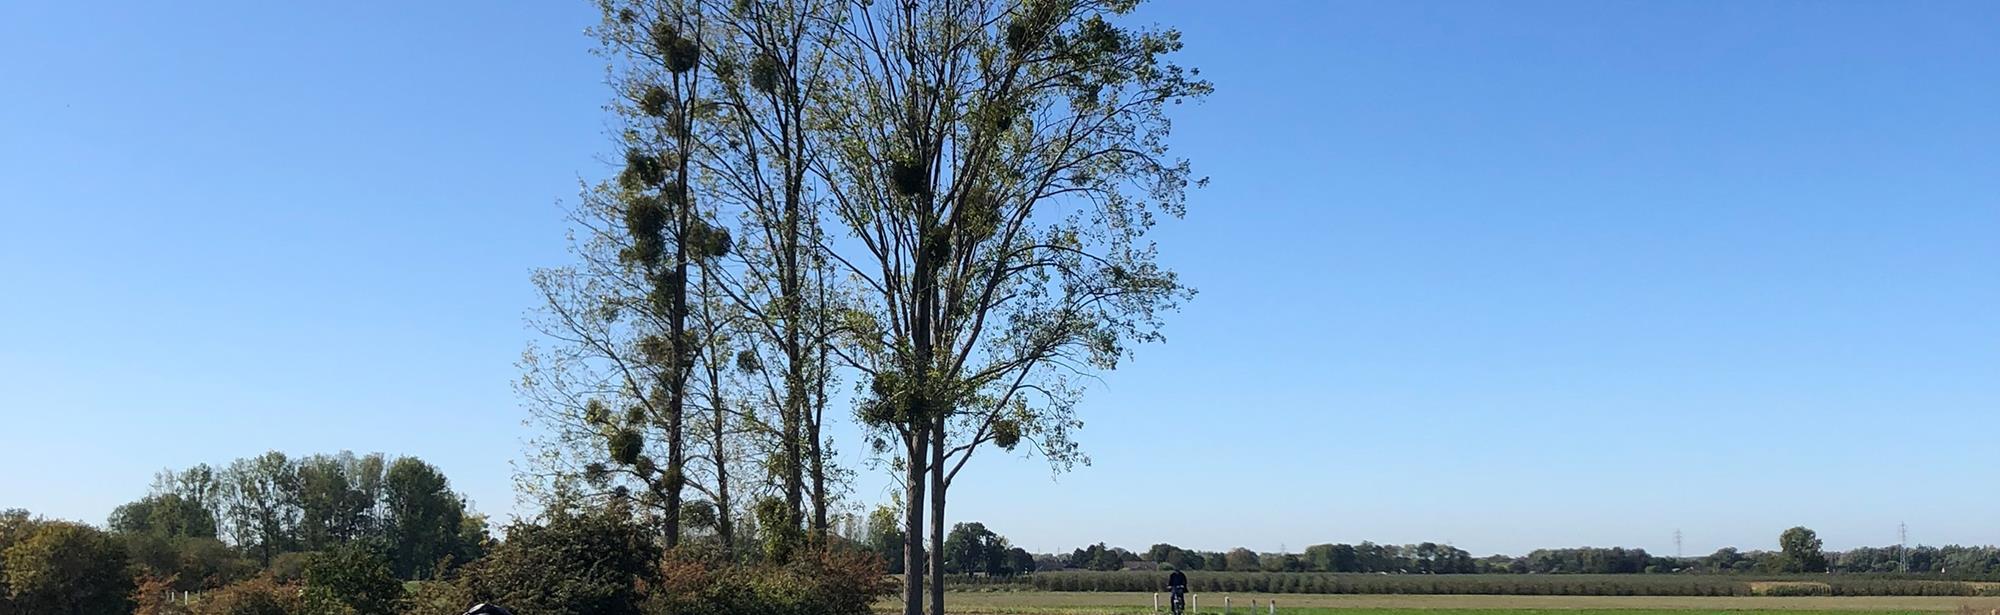 Wielrenroute - Slingerend door het Maasland